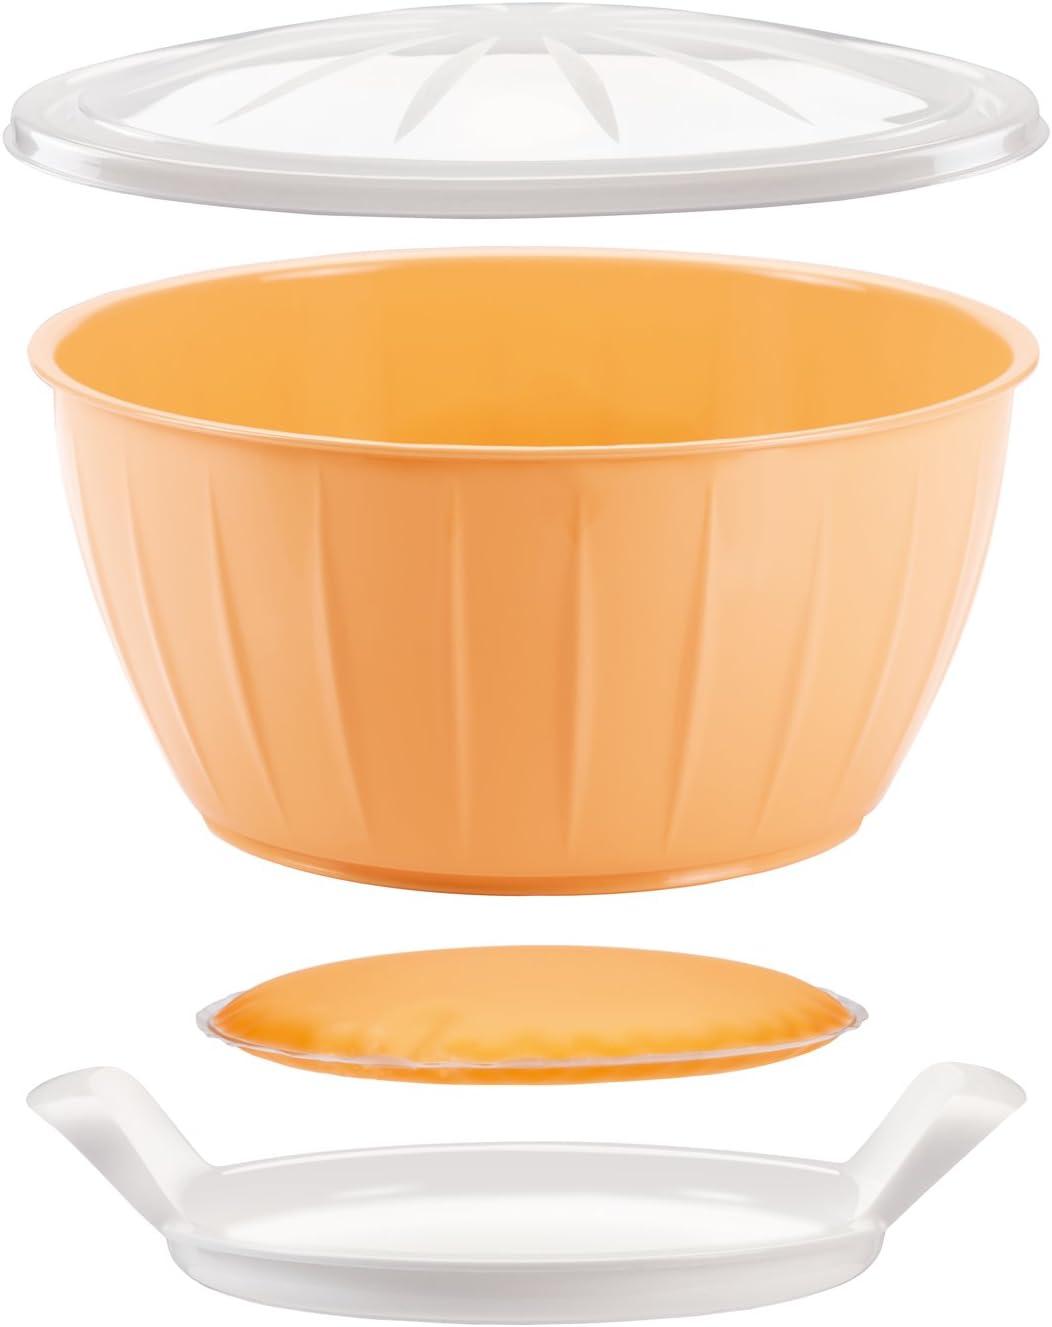 Tescoma Delicia Bol Fermentar Masa con Gel Calentador, Amarillo, 26,6 x 14,2 x 26,5 cm